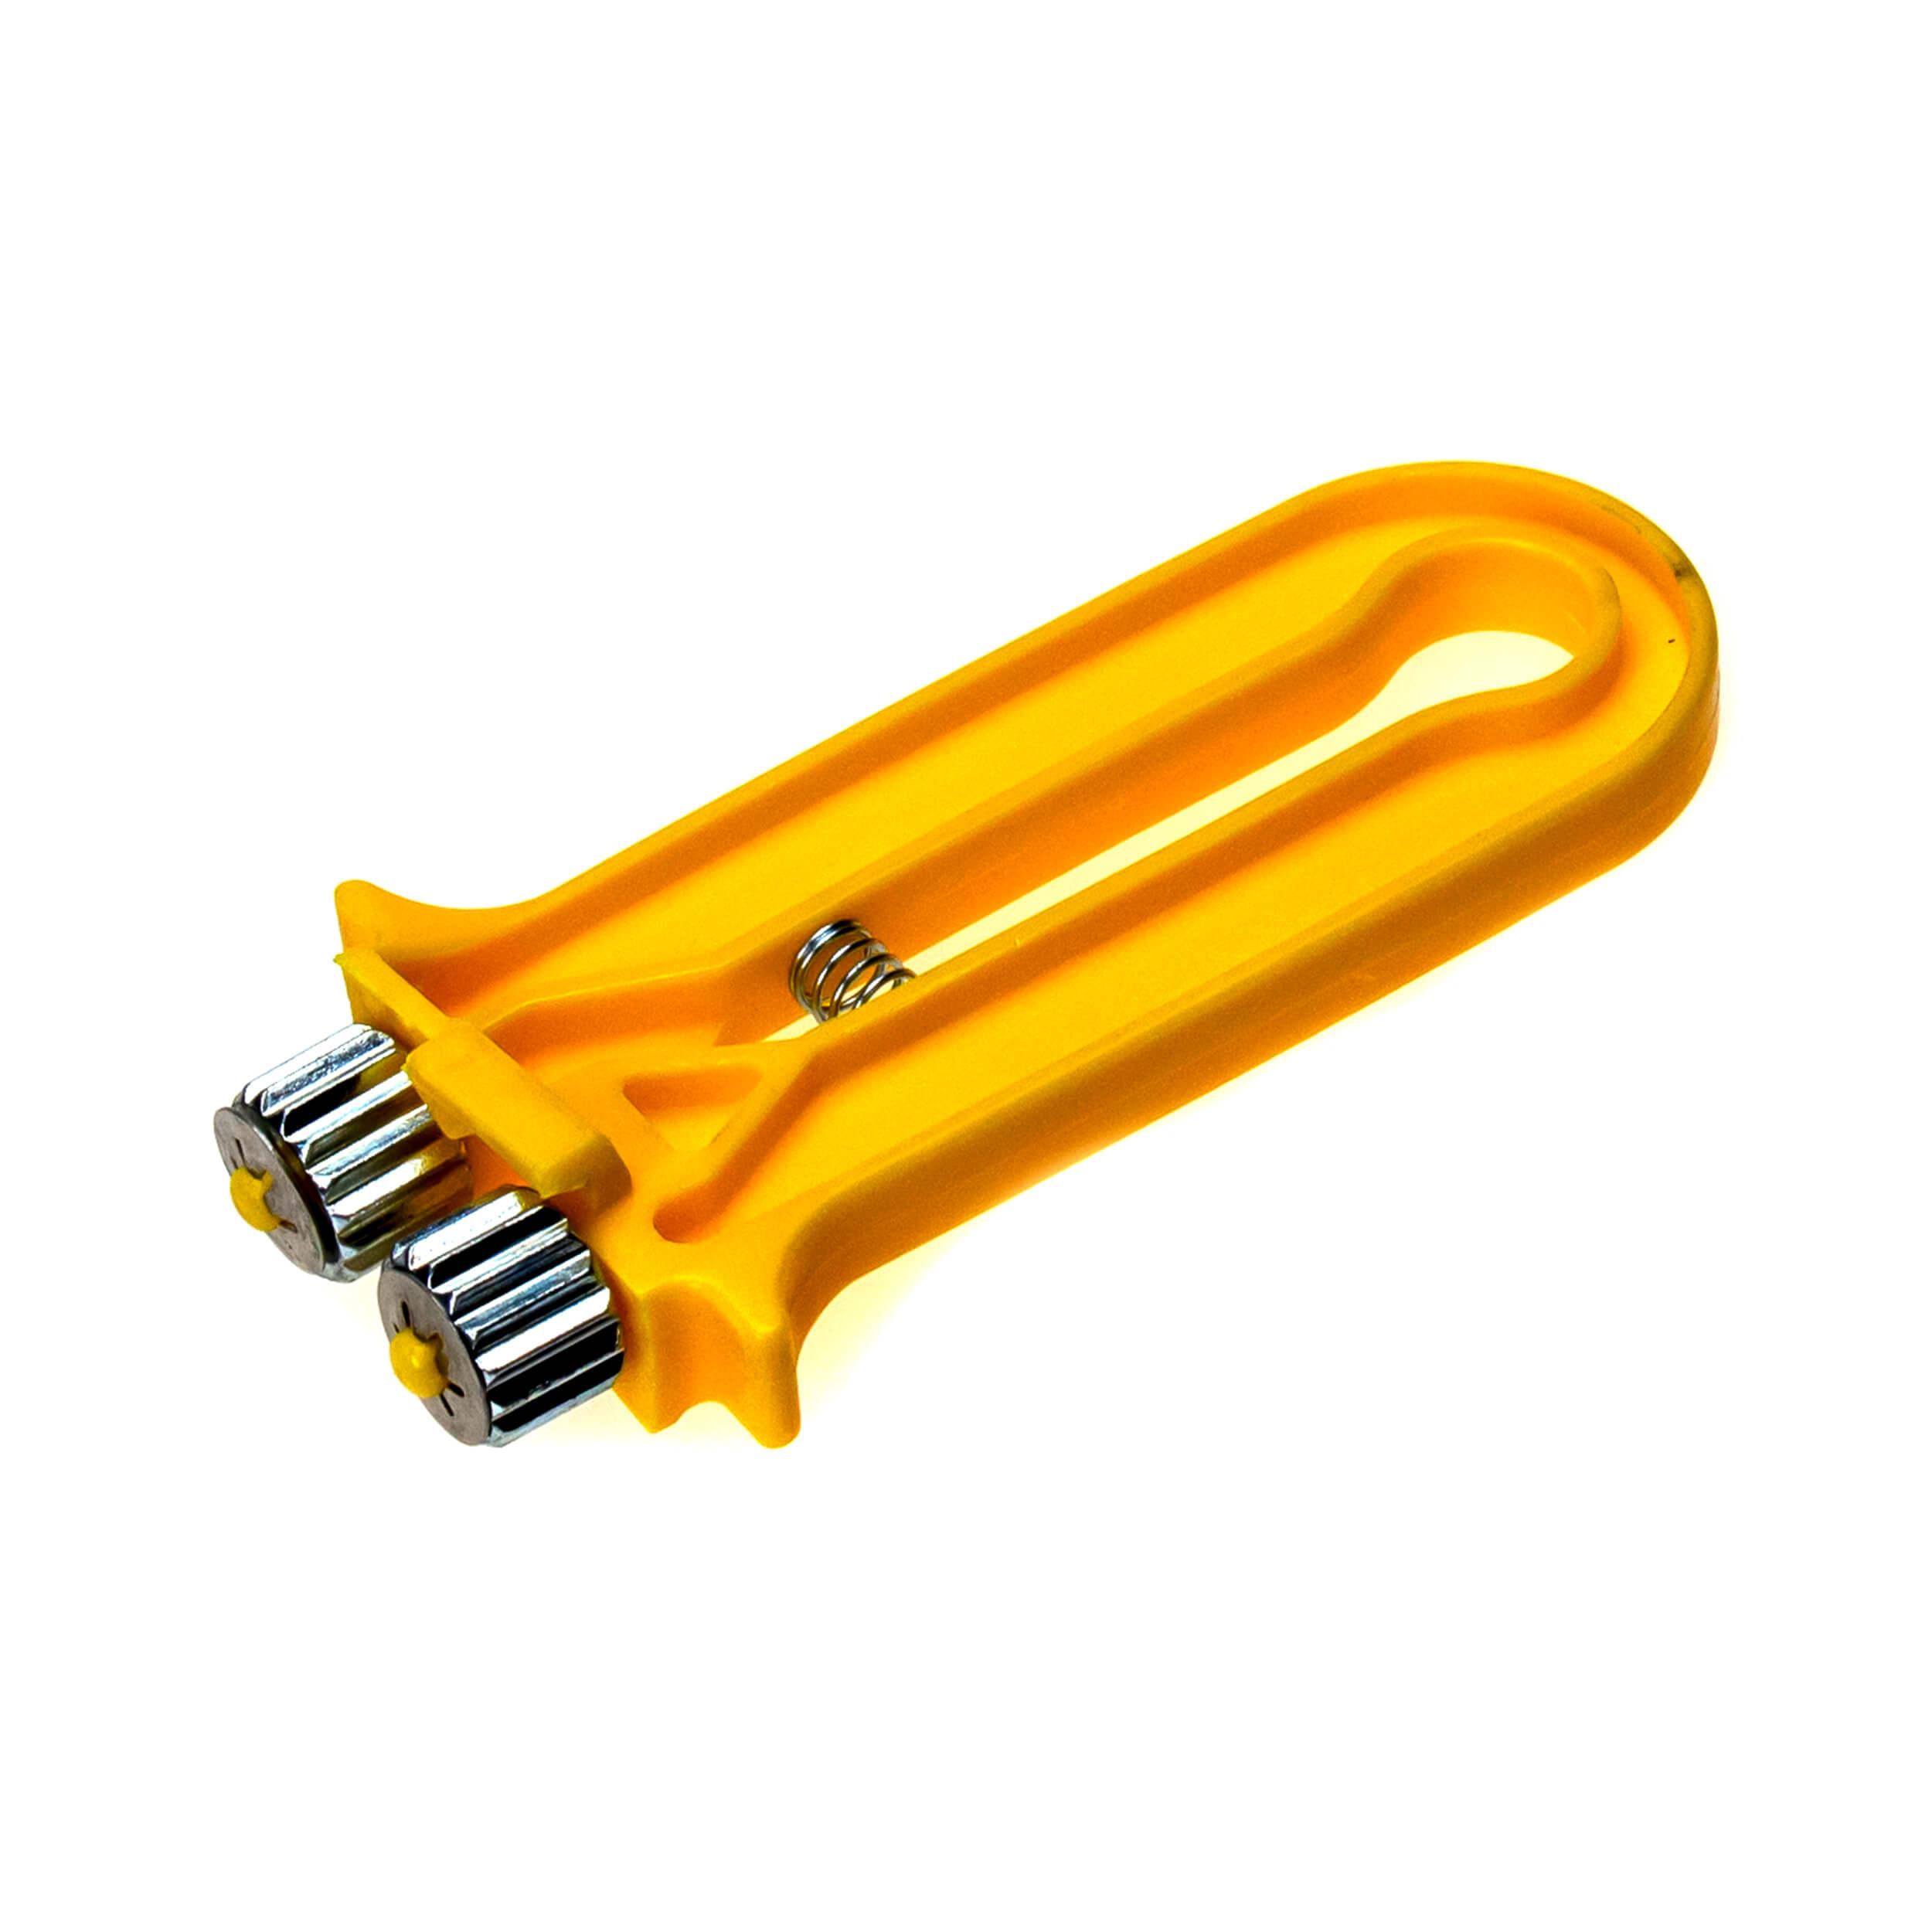 """Устройство для натяжки проволоки """"Plastic-Bee Orange"""" фото"""